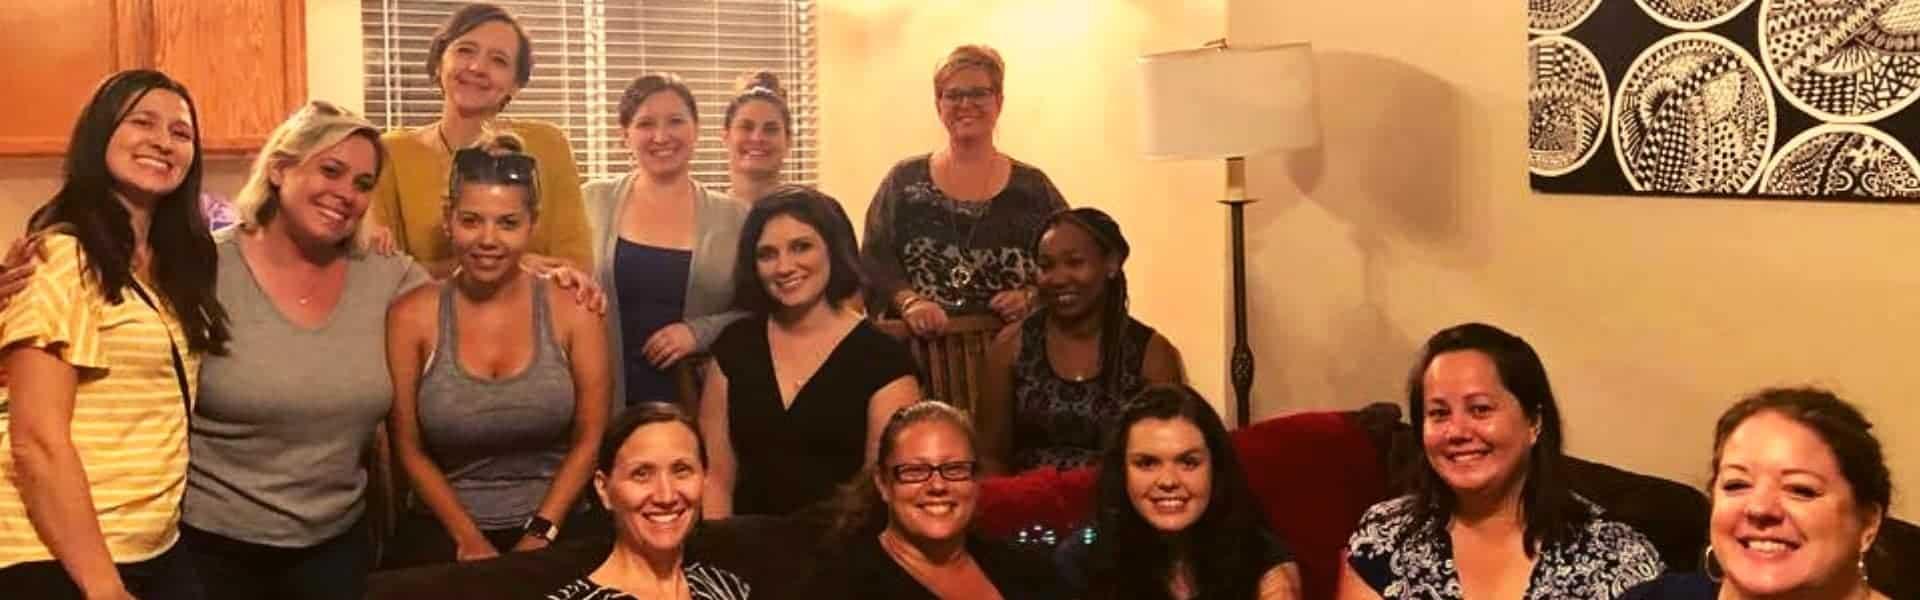 Business Women of Phoenix/Scottsdale